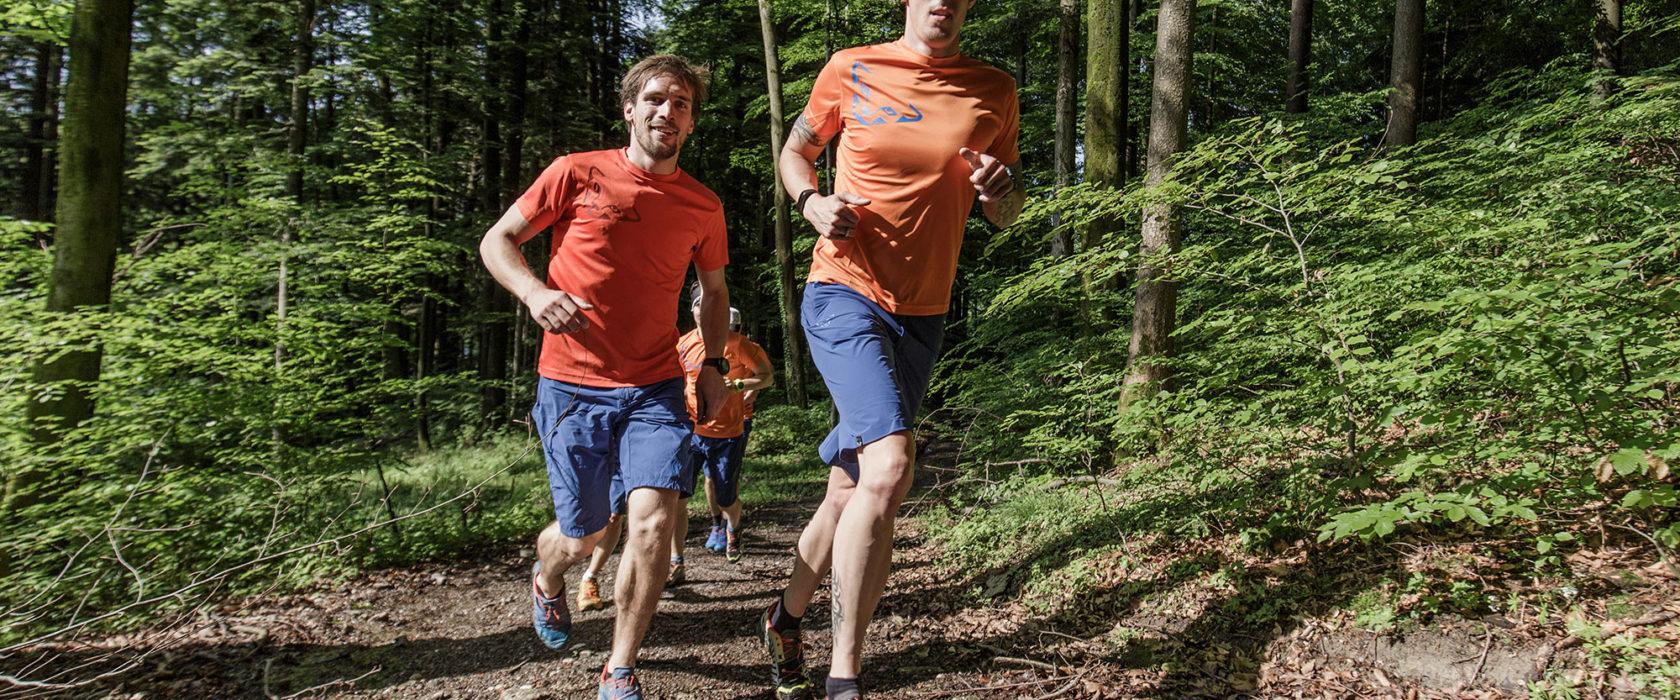 Trailheroes-beim-Laufen